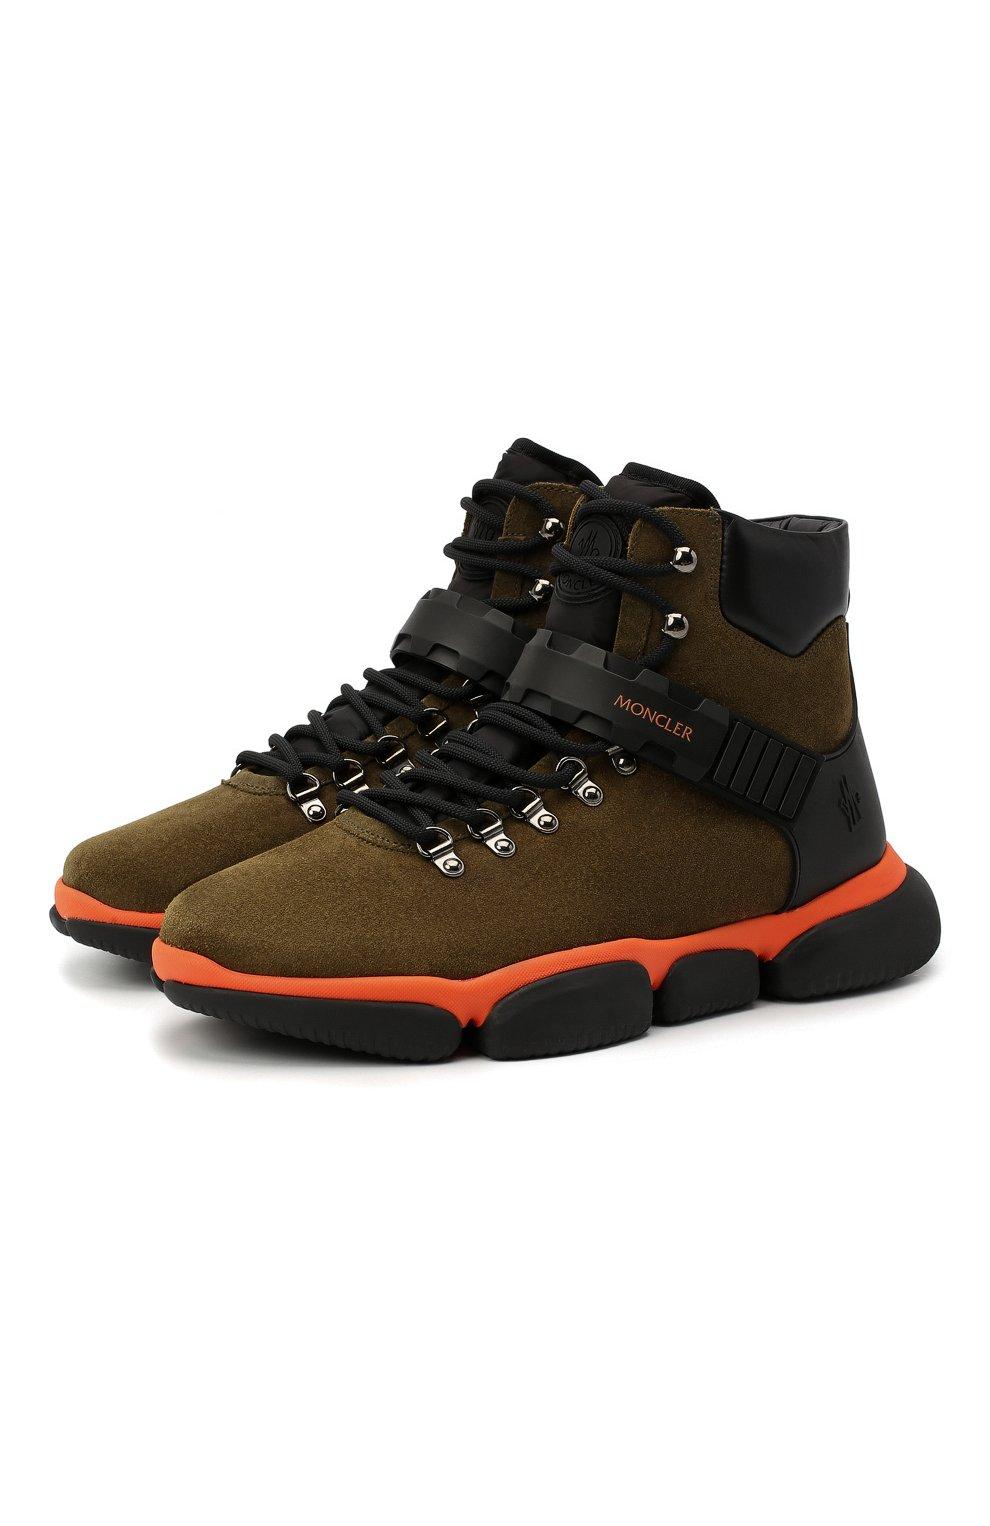 Мужские замшевые ботинки bubble boots MONCLER хаки цвета, арт. F2-09A-4M500-00-02SGM | Фото 1 (Мужское Кросс-КТ: Хайкеры-обувь, Ботинки-обувь; Материал внутренний: Натуральная кожа; Подошва: Массивная)